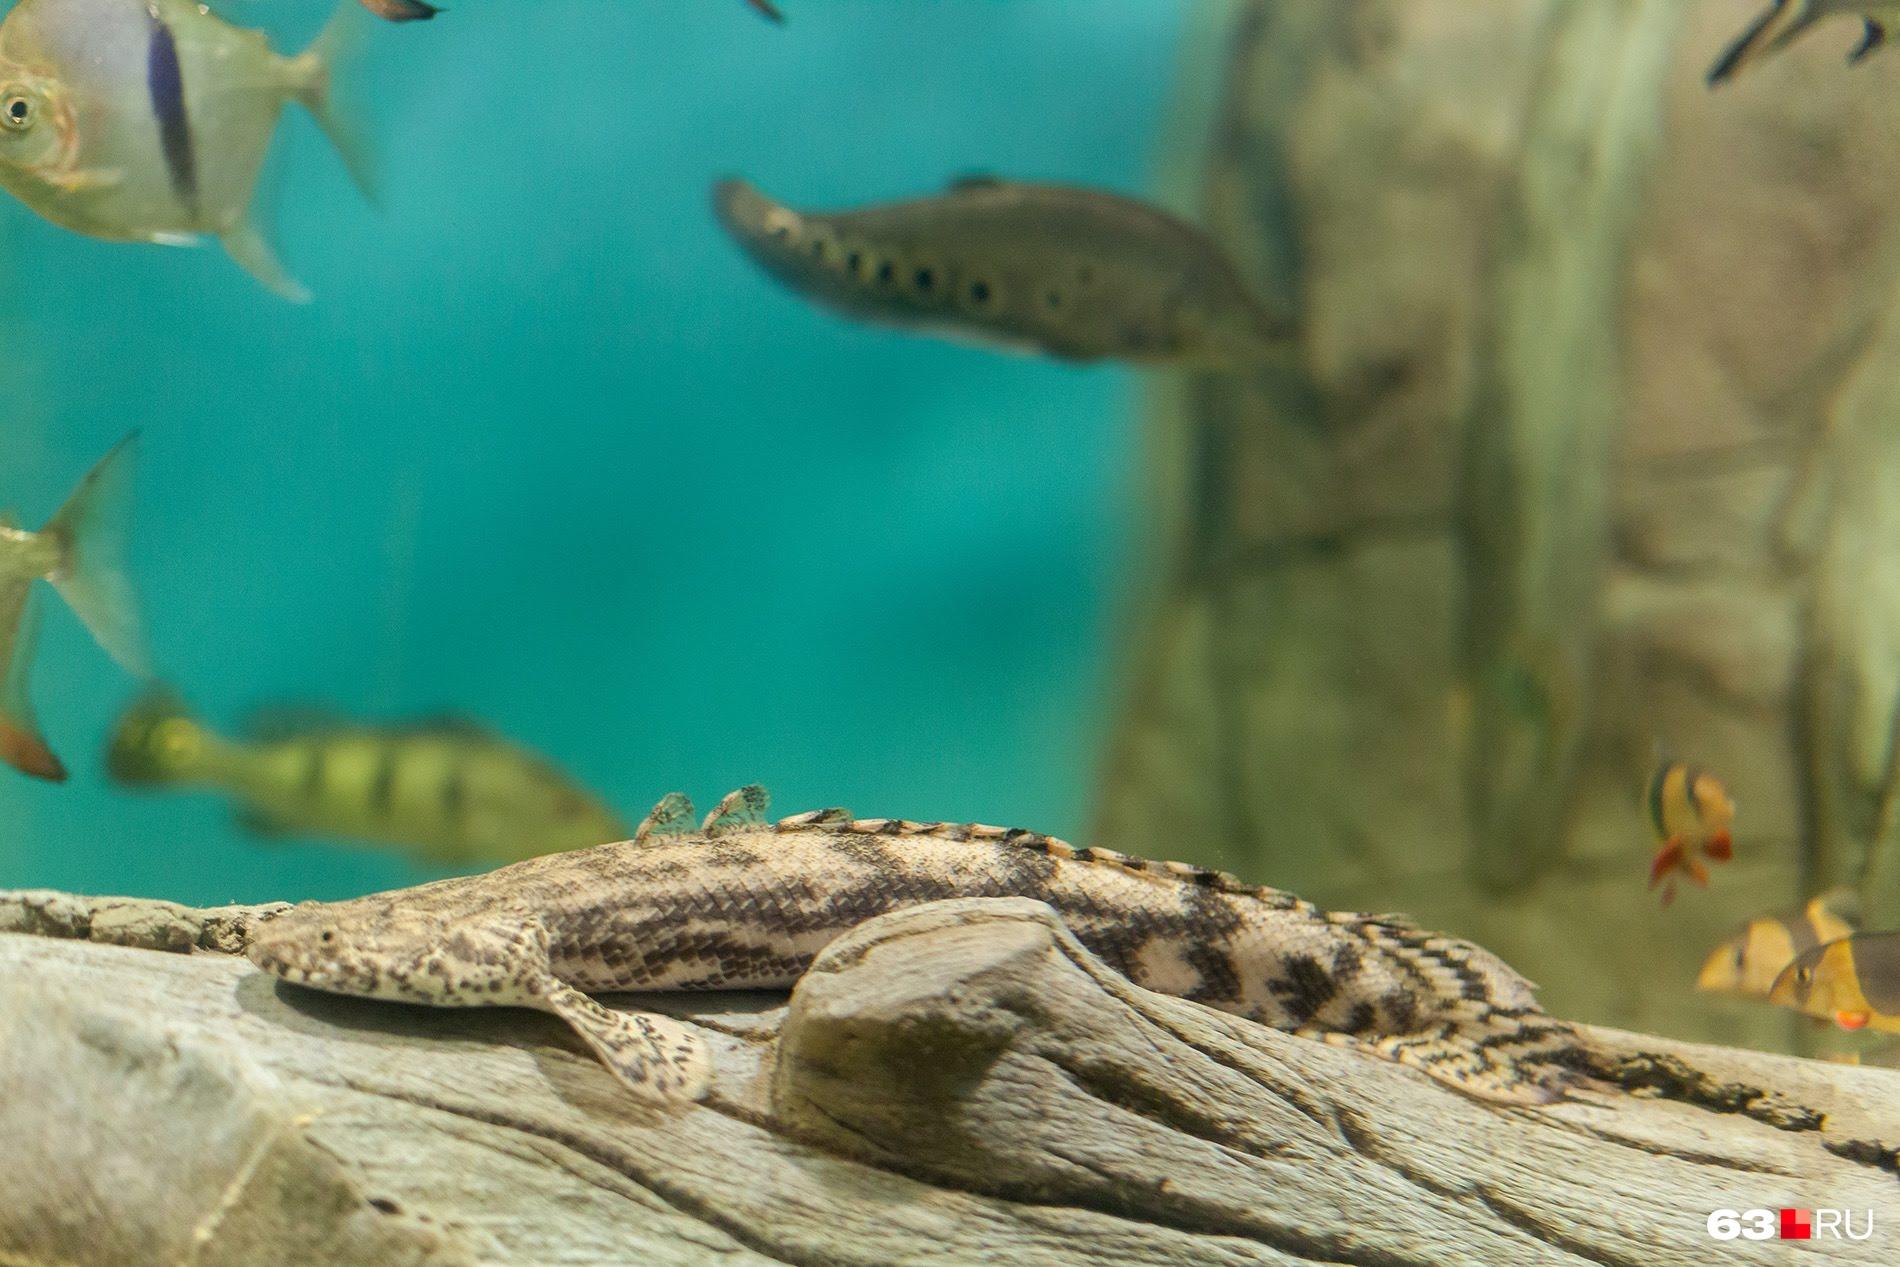 Некоторые рыбы даже умеют маскироваться под коряги